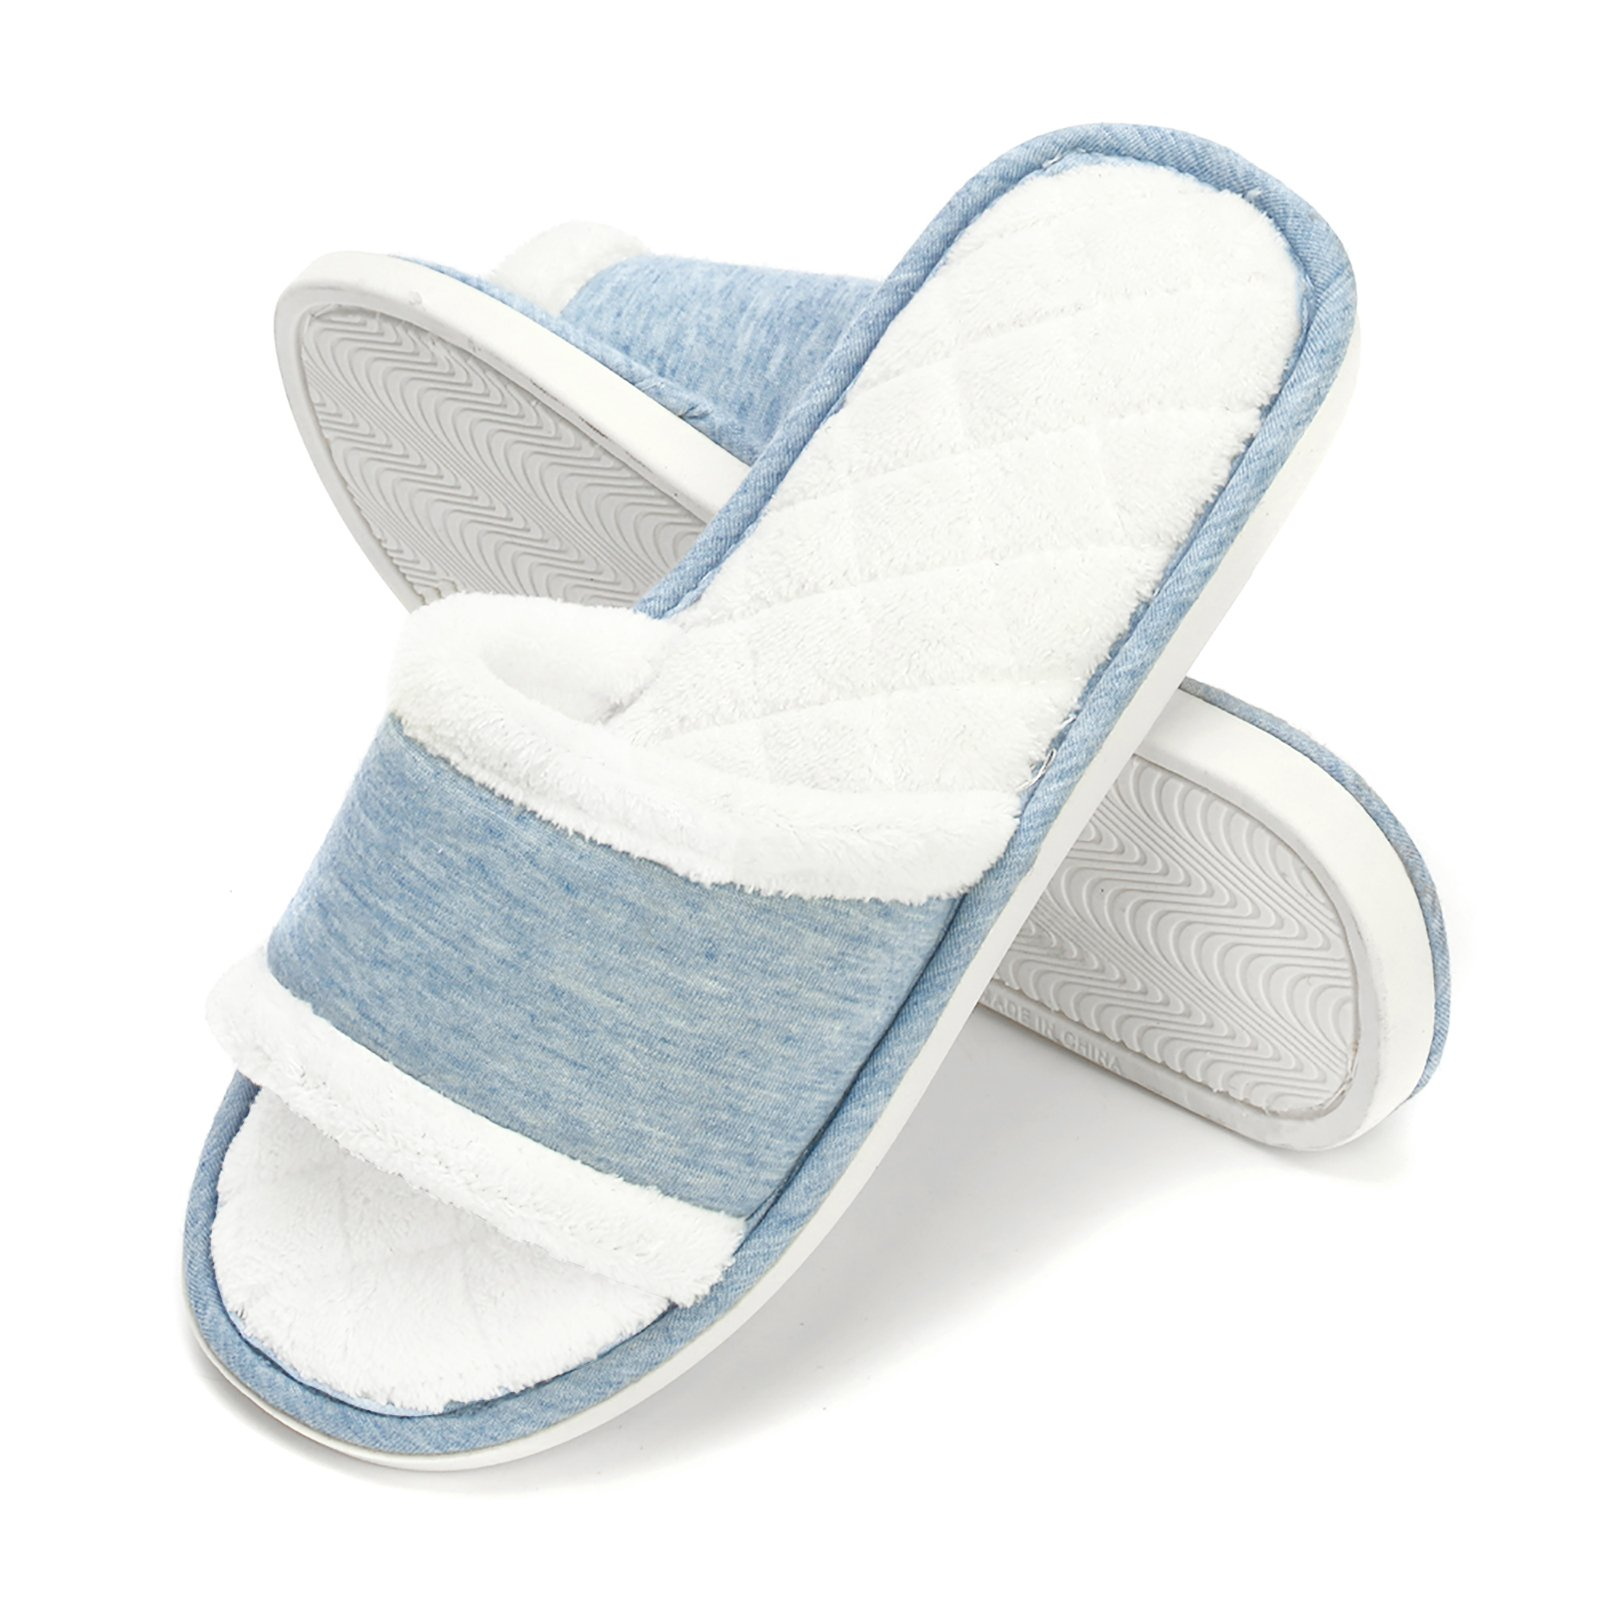 DRSLPAR Womens Comfort House Slippers Plush Memory Foam Open Toe Spa Slide Slippers Blue M